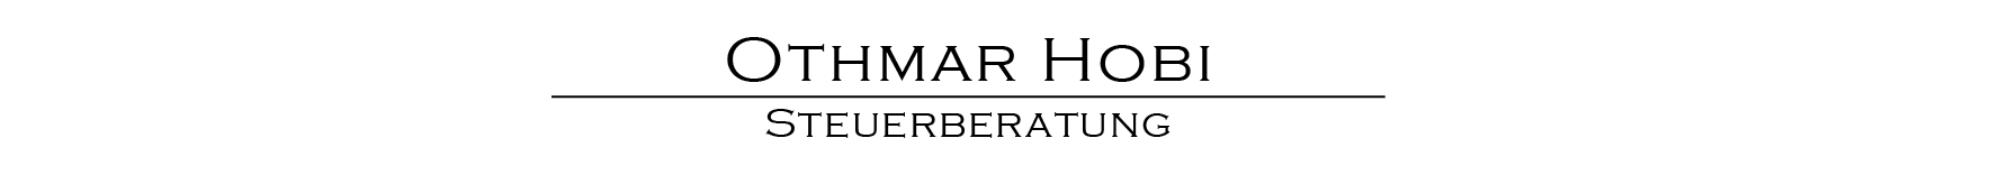 Othmar Hobi